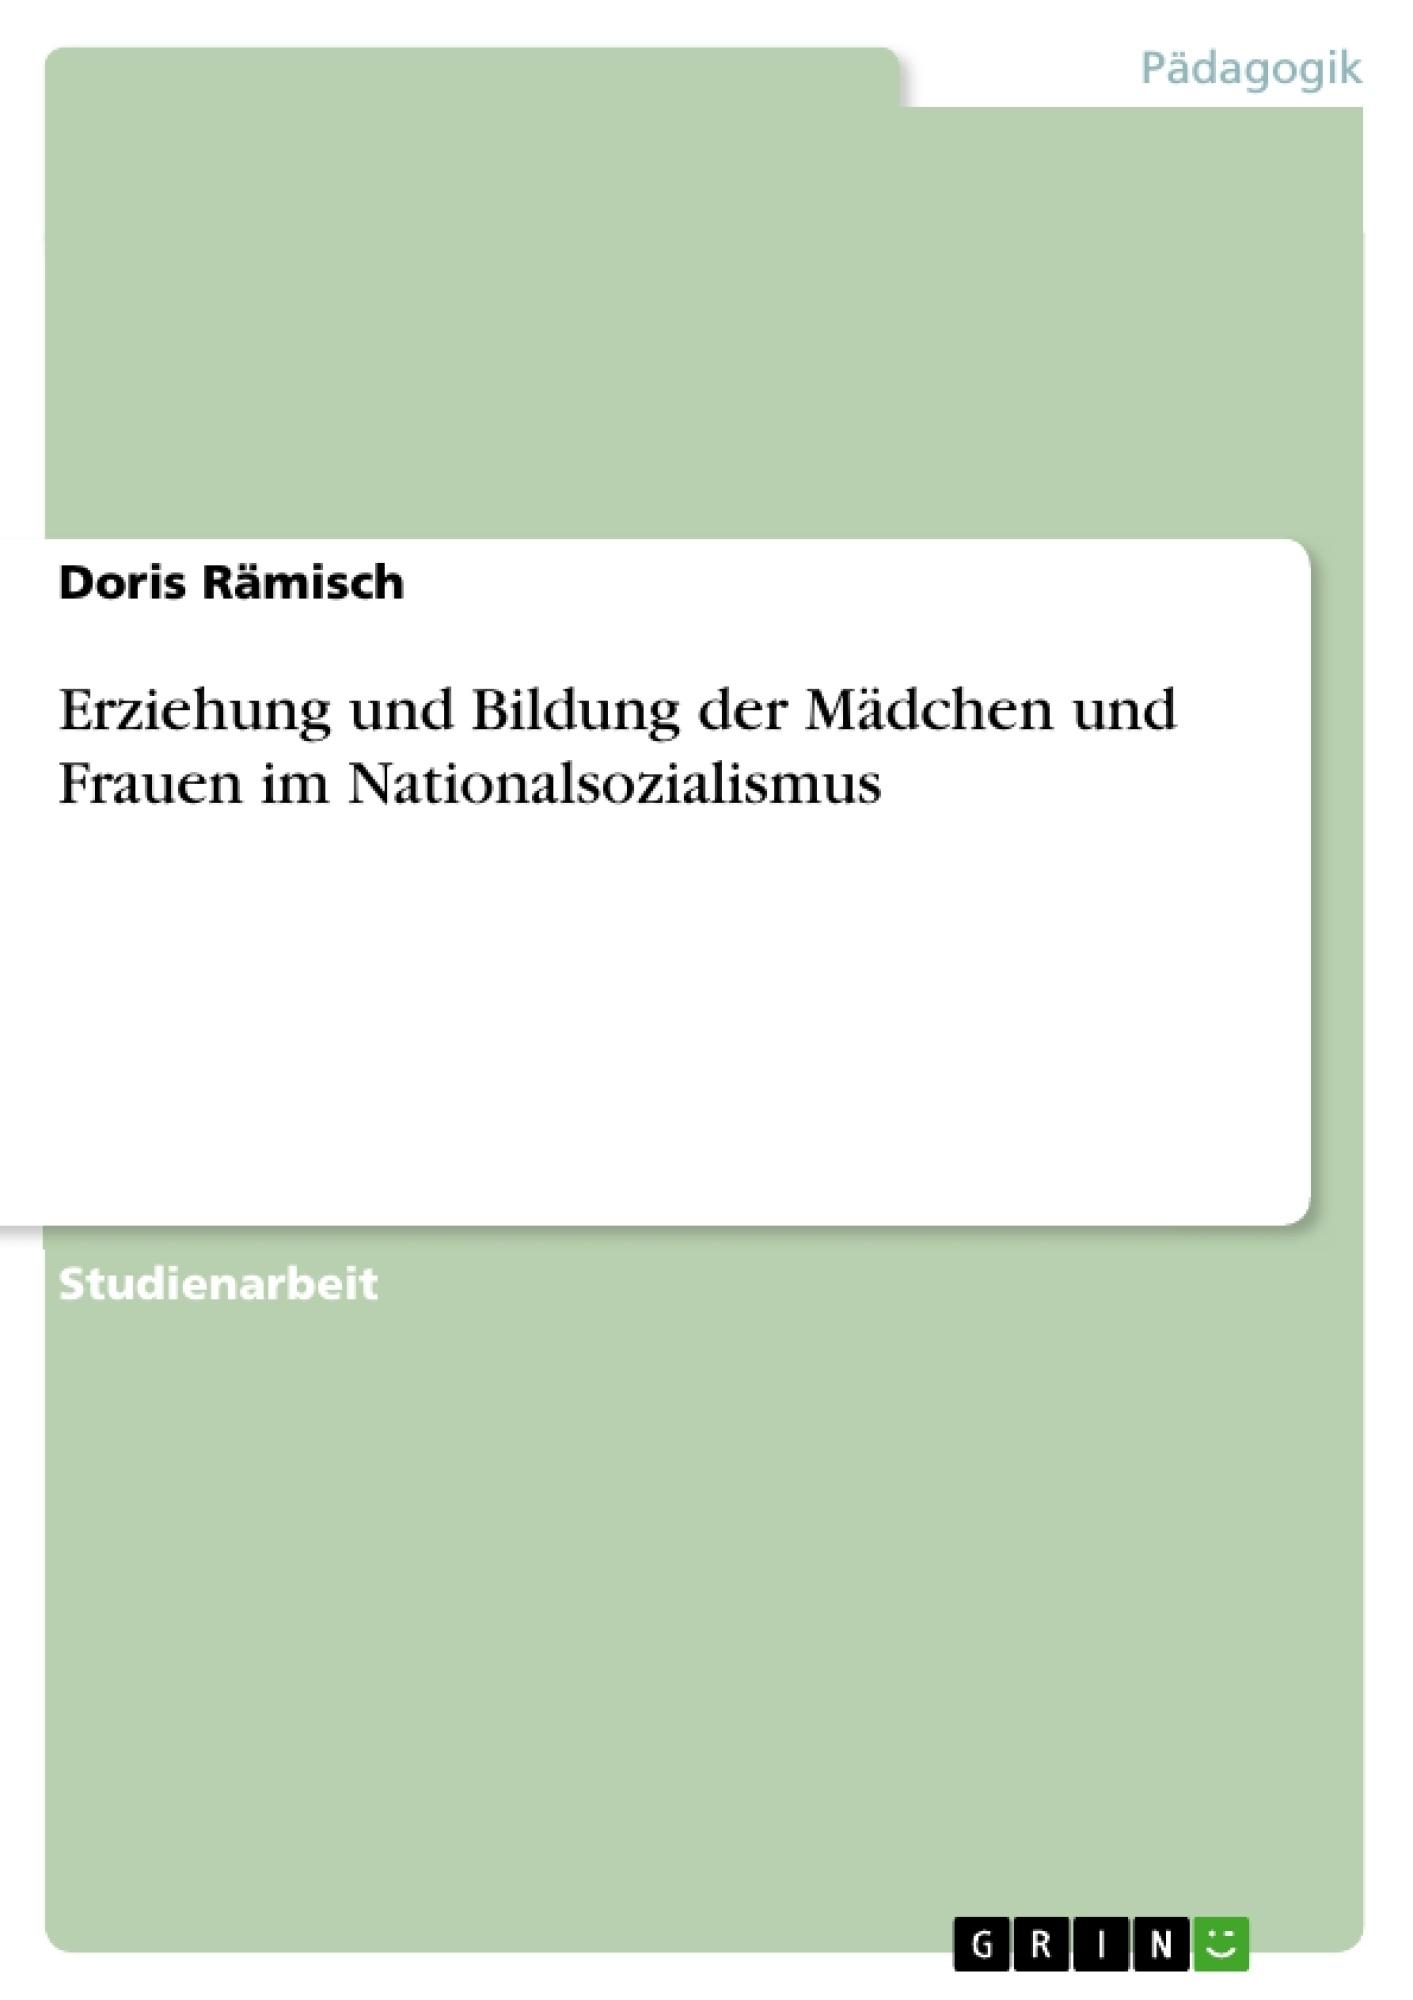 Titel: Erziehung und Bildung der Mädchen und Frauen im Nationalsozialismus